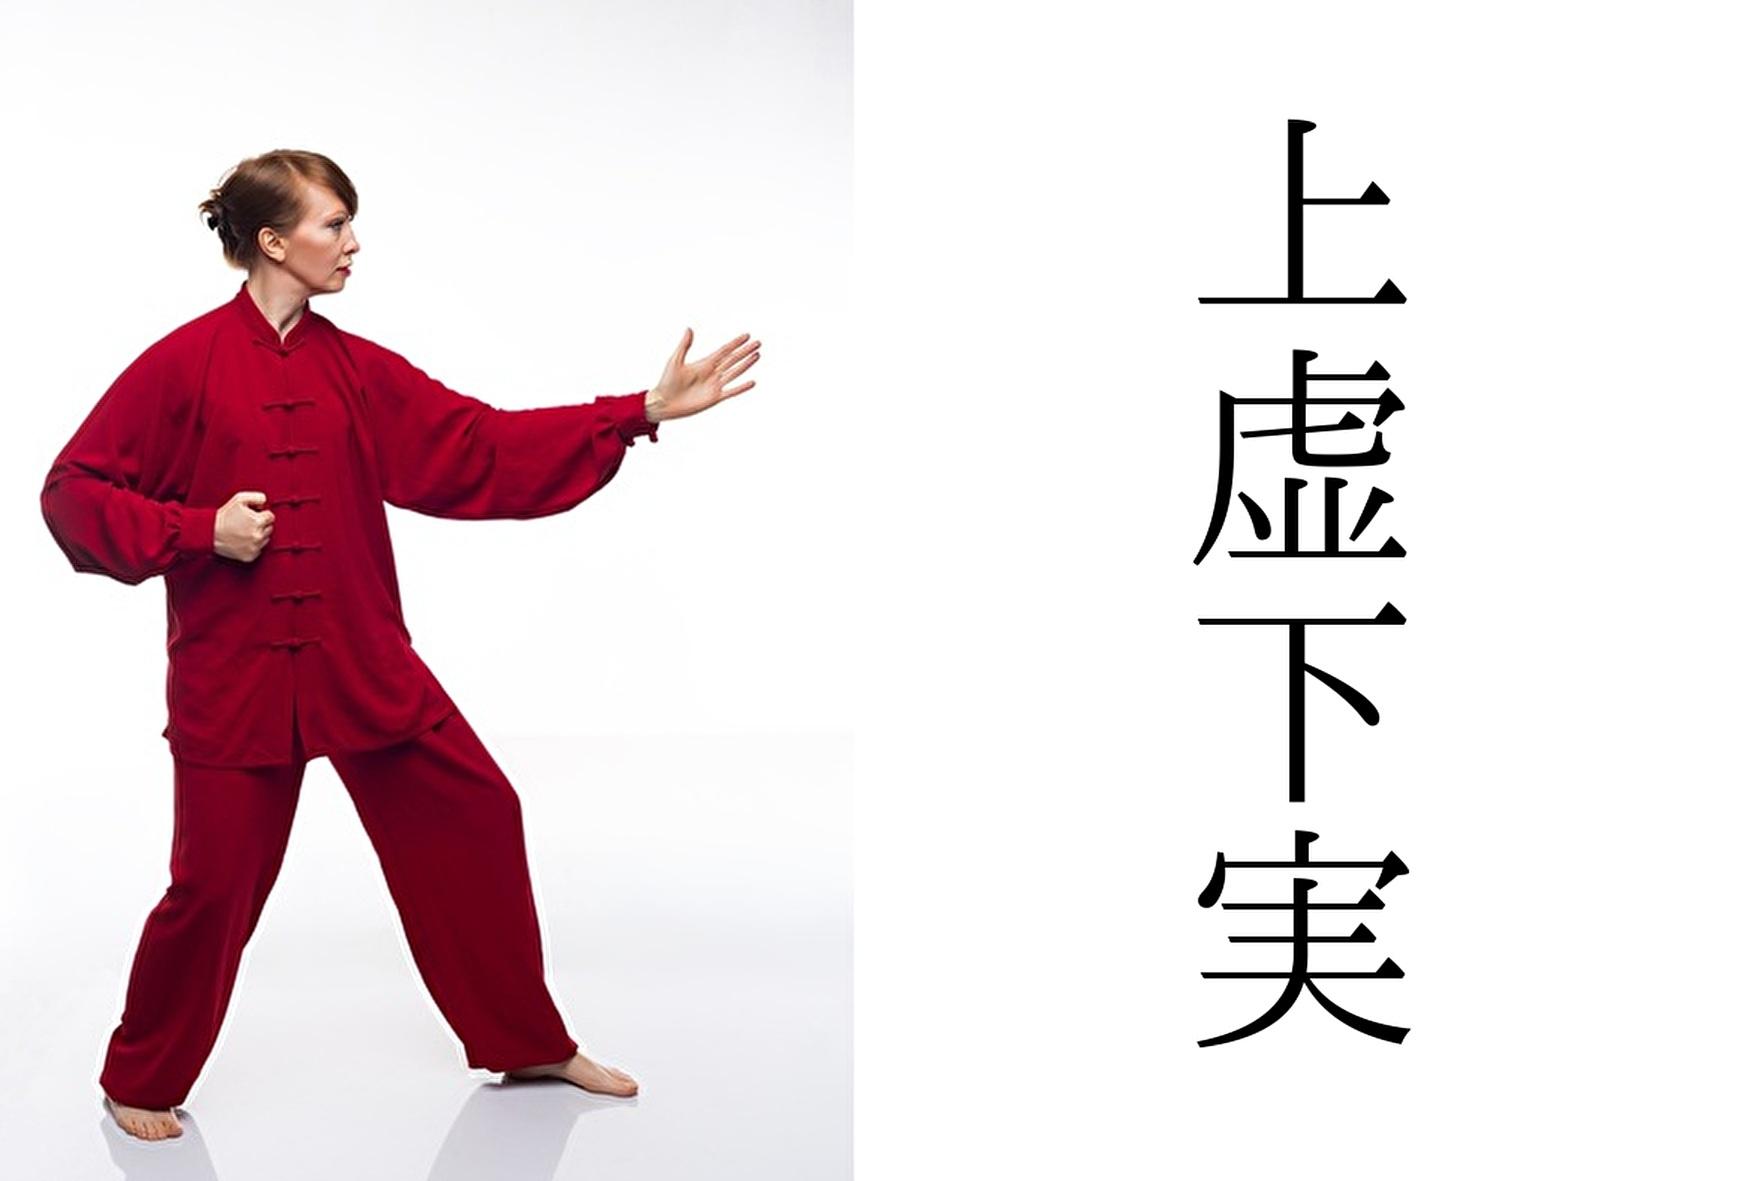 上虚下実(じょうきょかじつ)の意味とは?座禅、武道、気功、ヨガに共通する極意とは!?